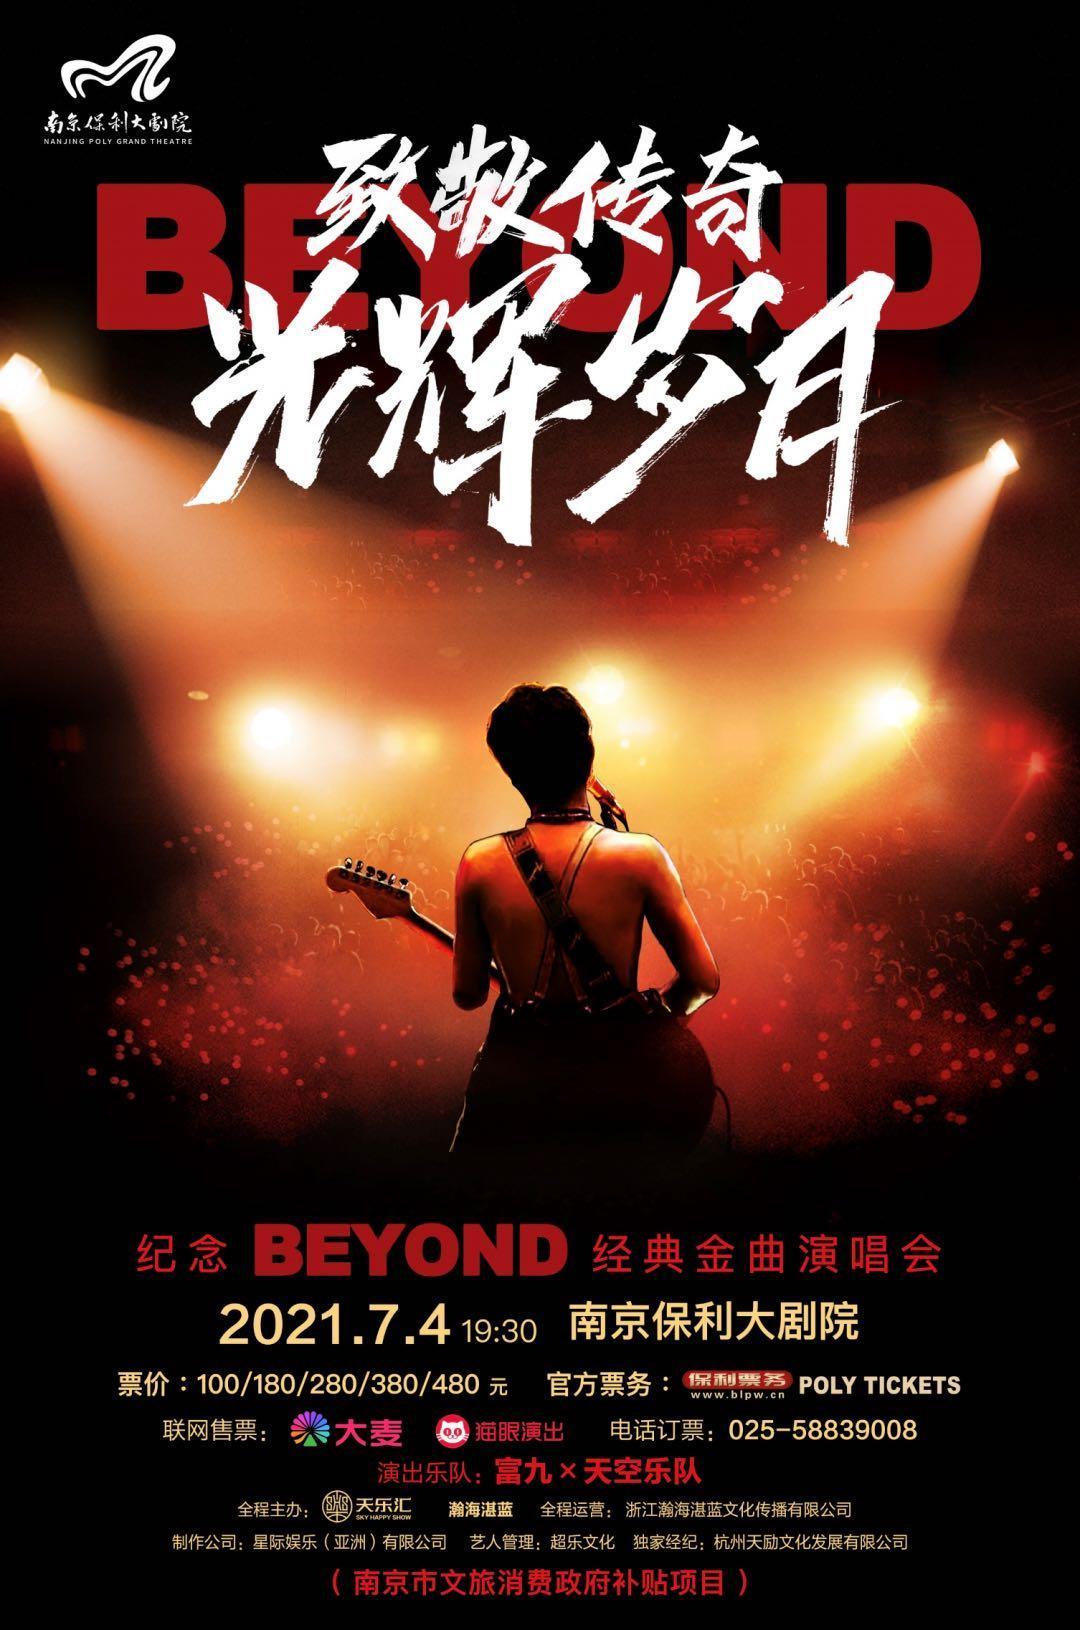 致敬传奇·光辉岁月纪念beyond演唱会